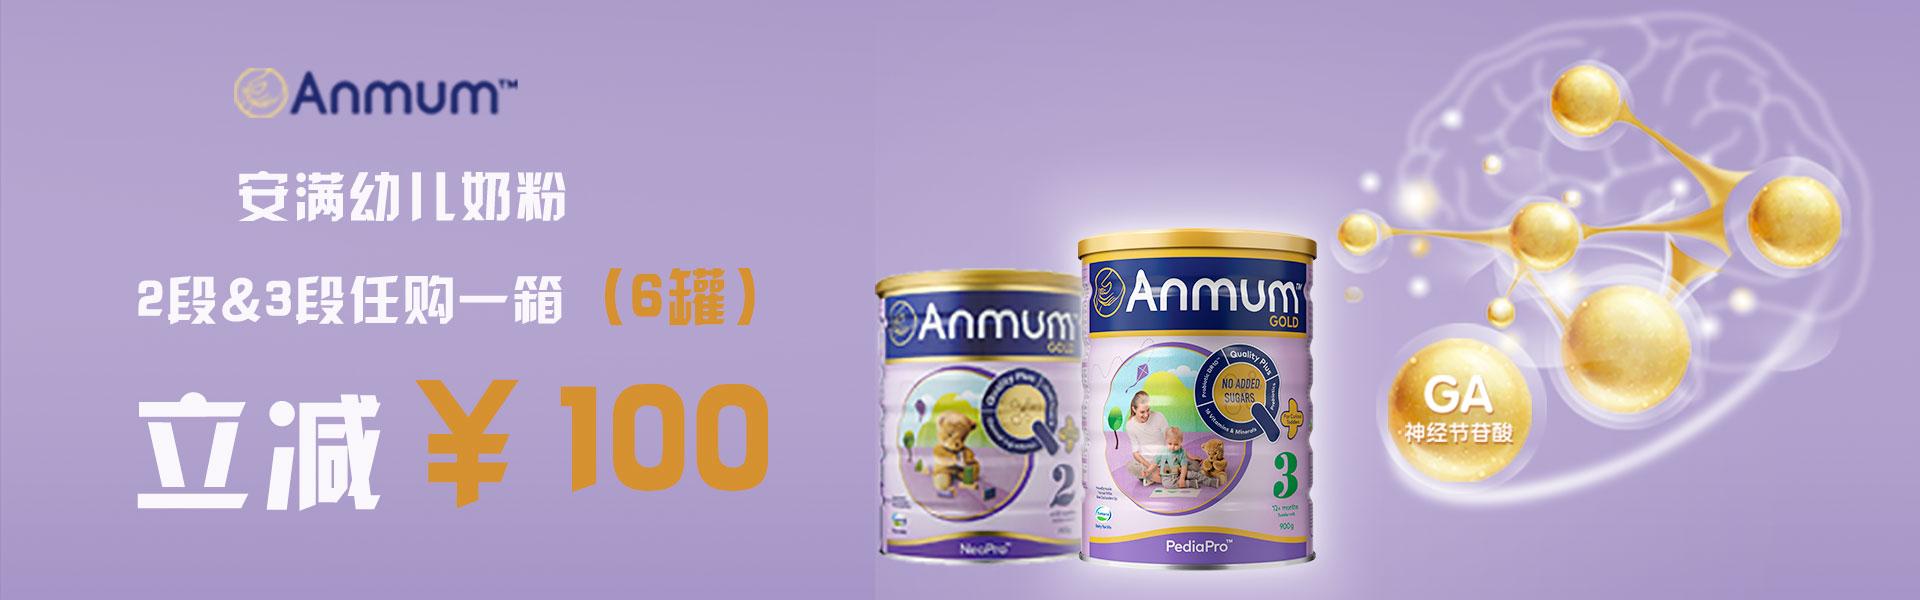 安满幼儿奶粉2段&3段 任购一箱(6罐) 立减¥100